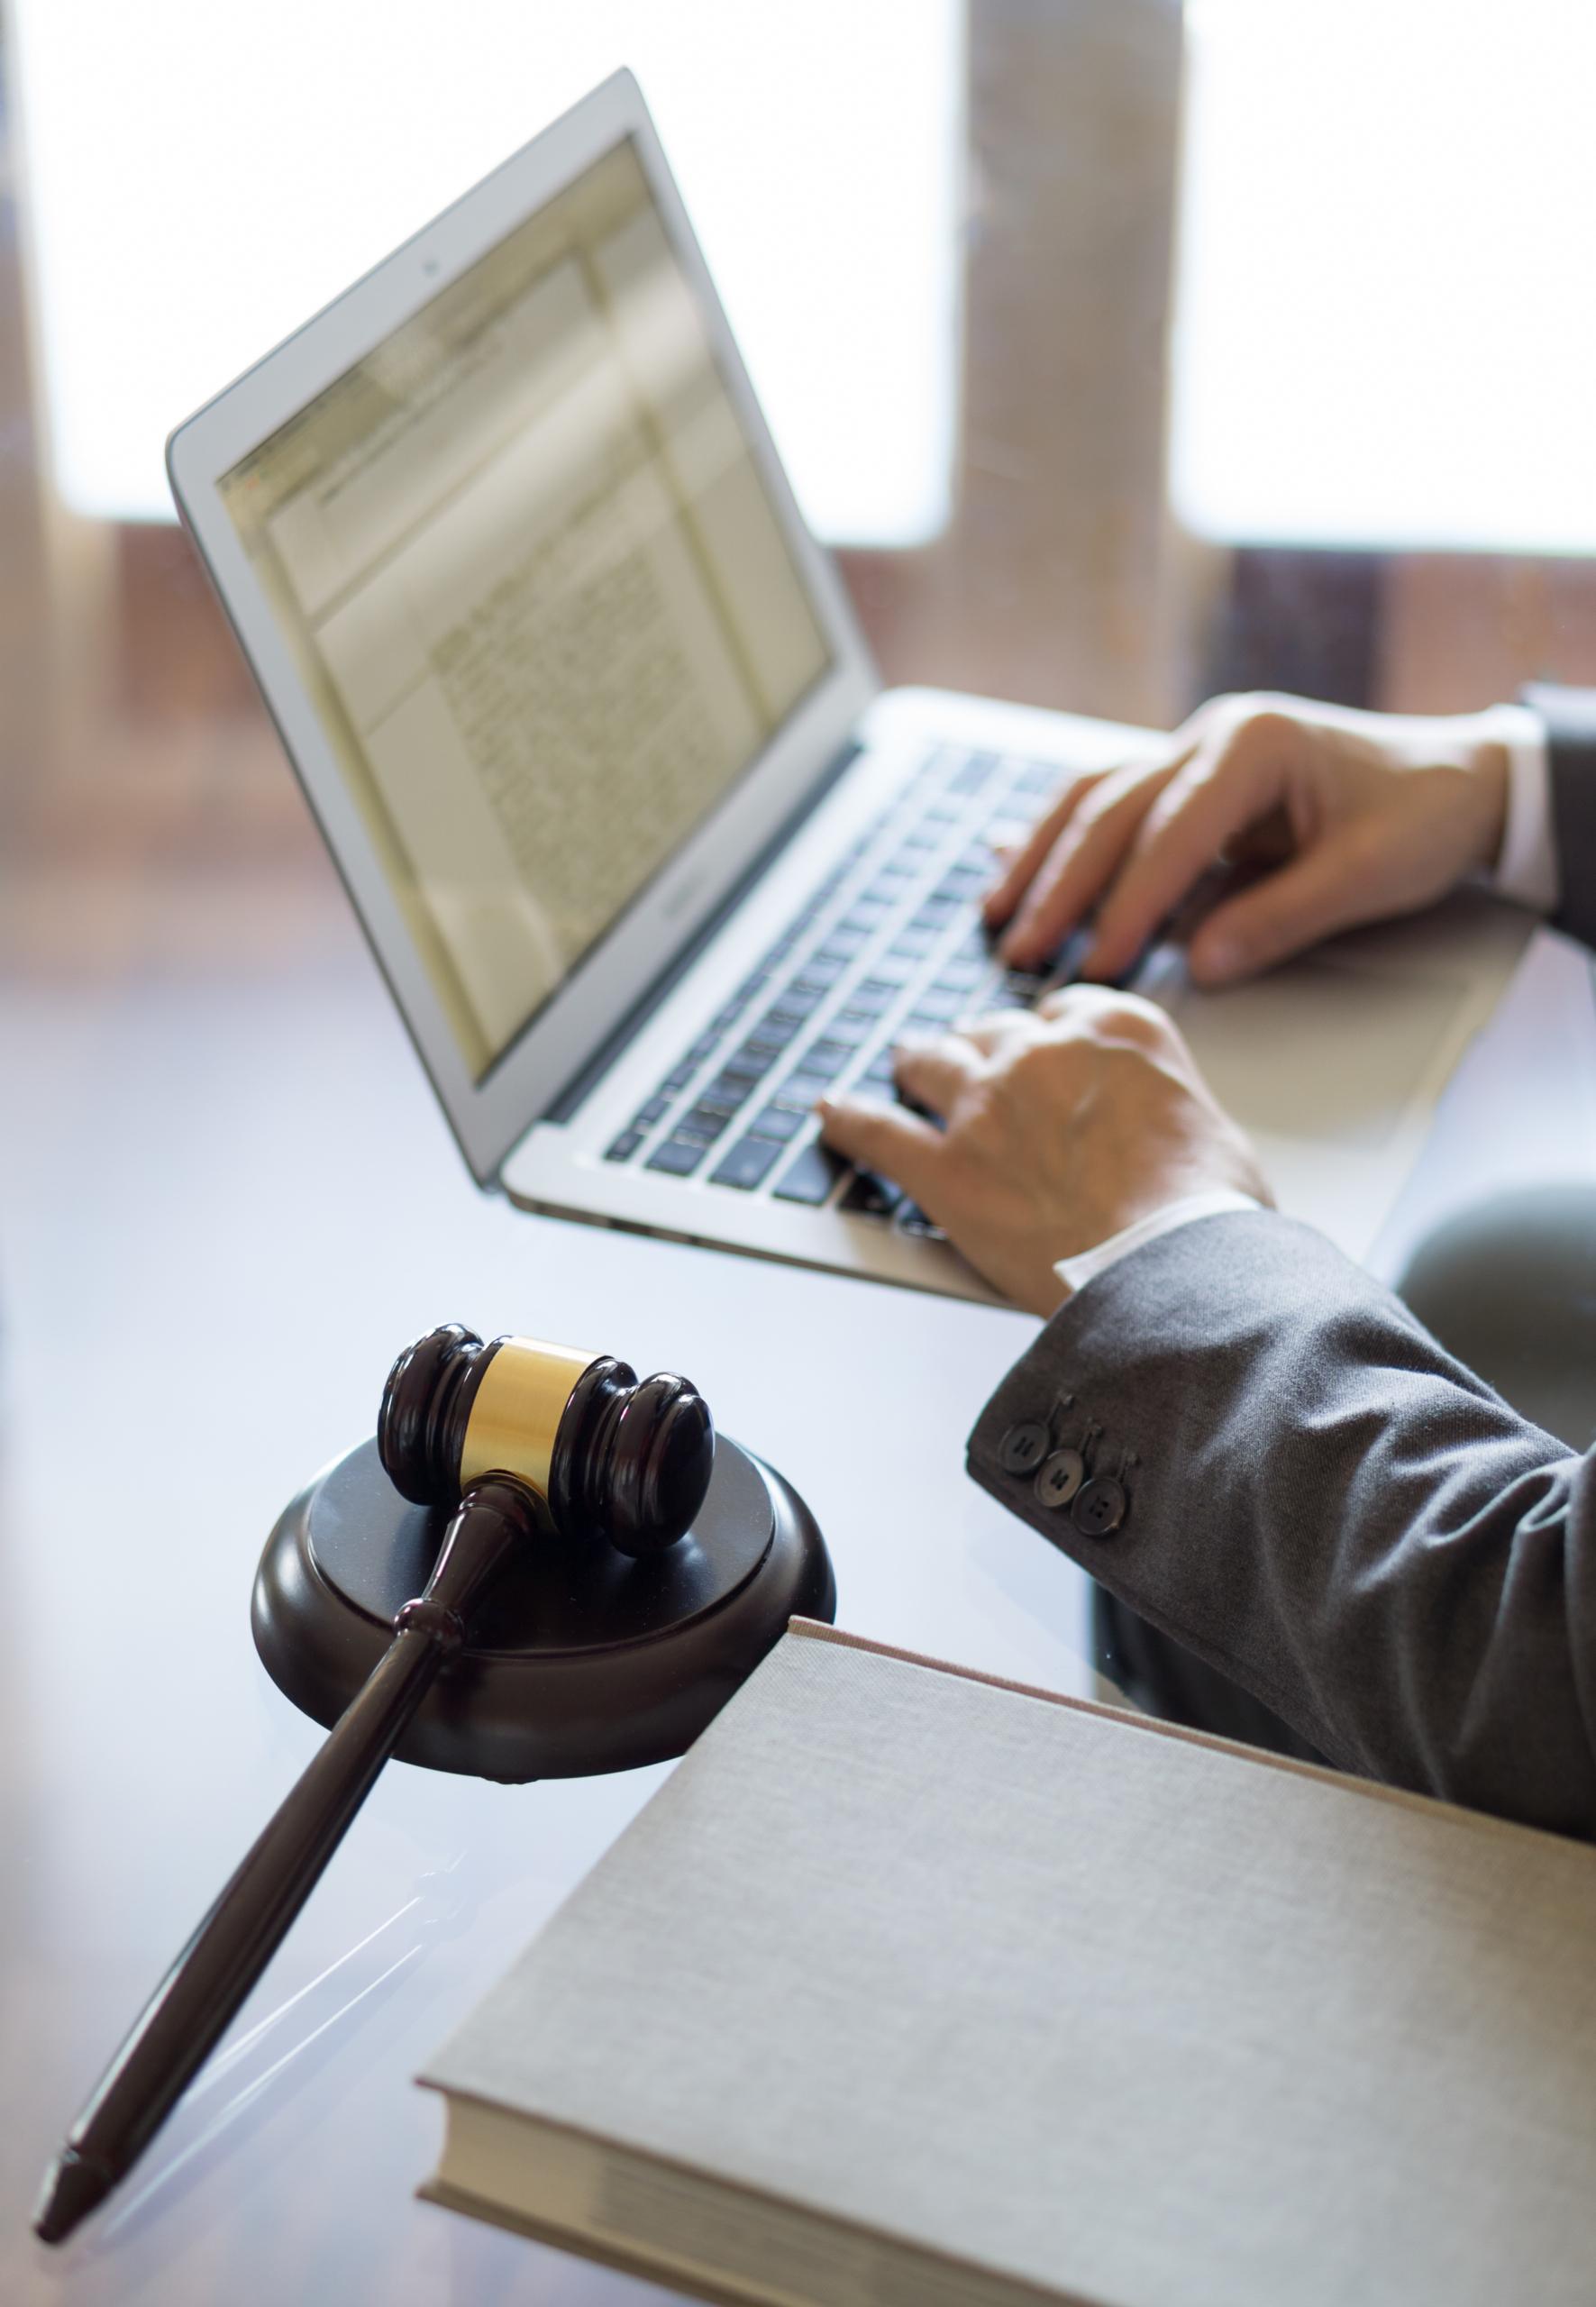 Tipp zur Immobilienrettung: Anträge und Erklärungen zu Protokoll der Geschäftsstelle beim Amtsgericht für Zwangsversteigerungen